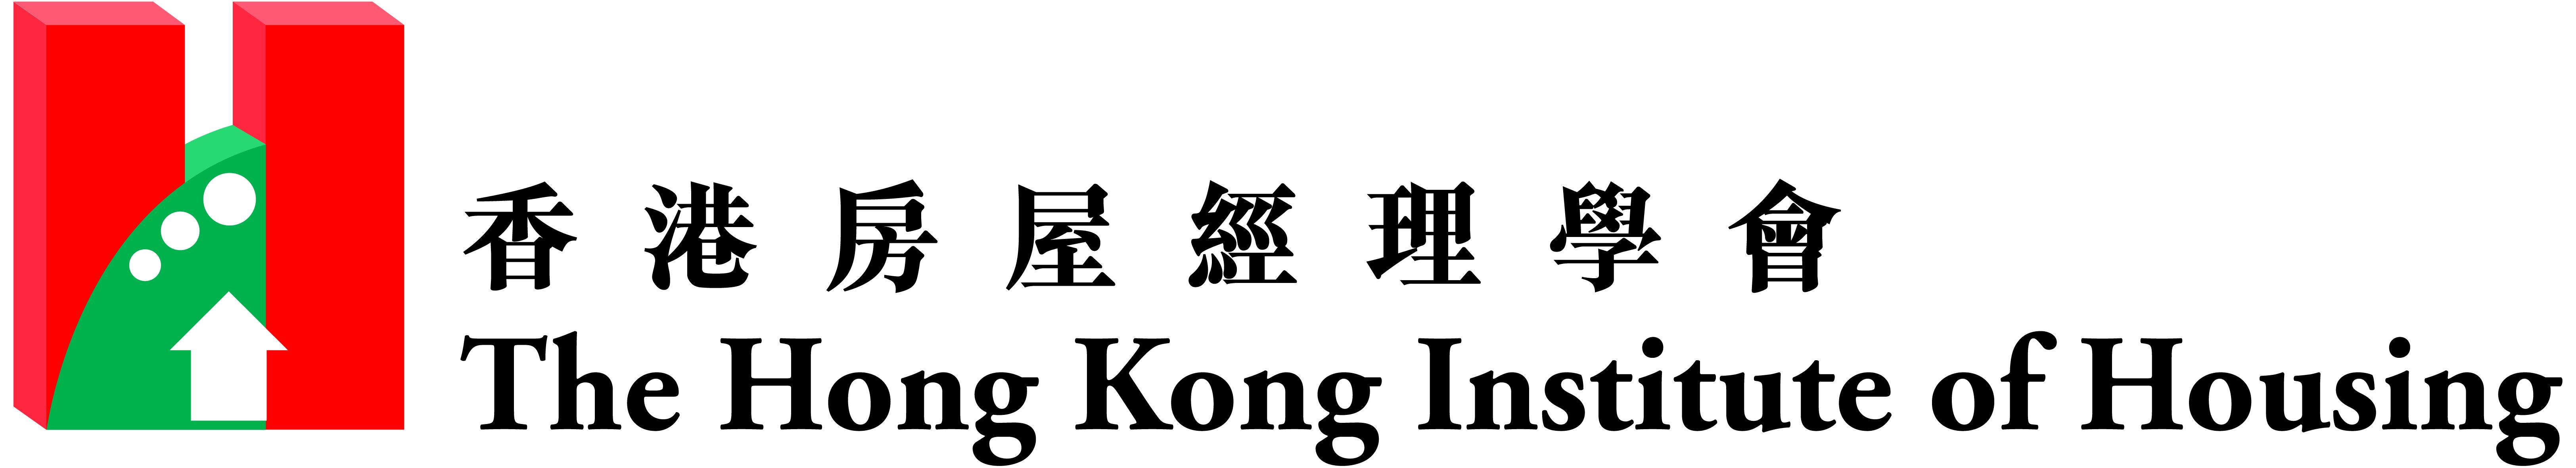 HKIH_Logo